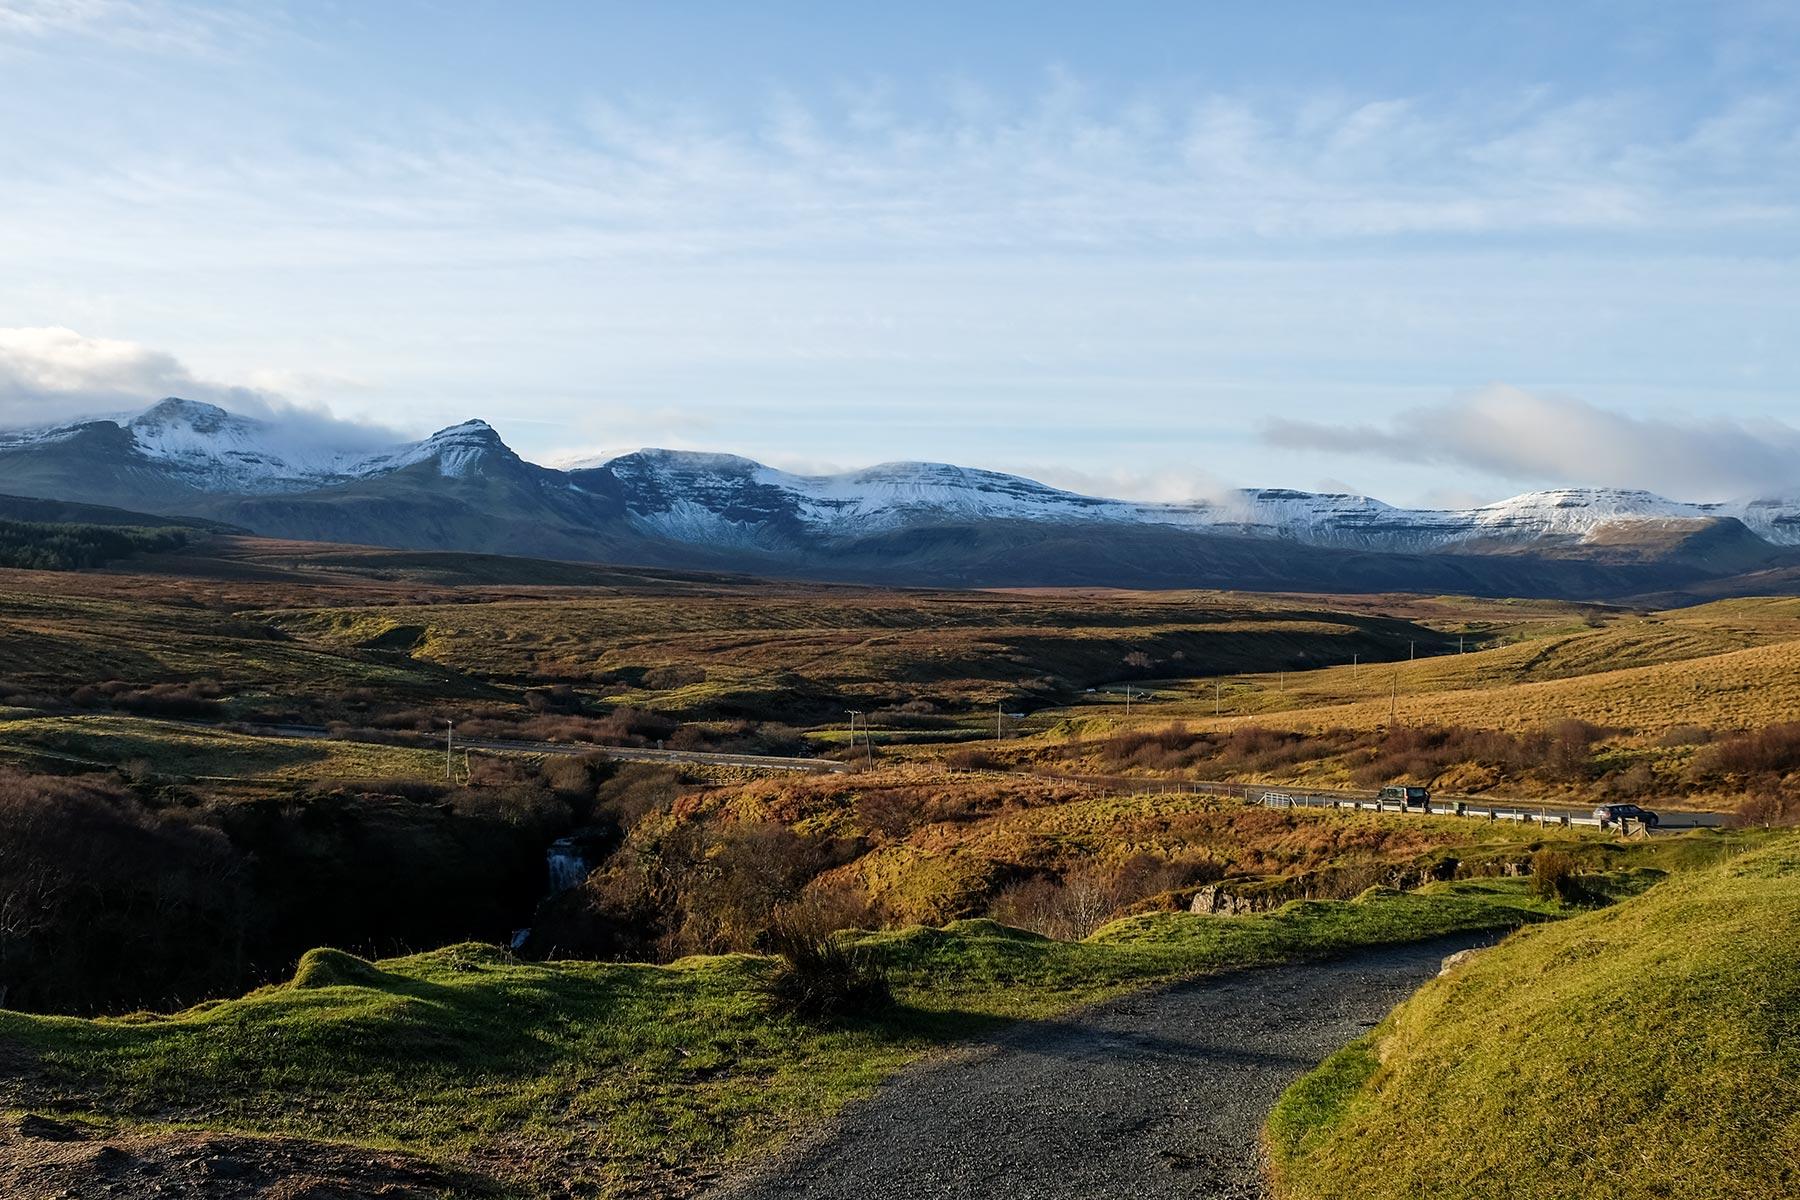 Landschaft auf der Isle of Skye, Schottland